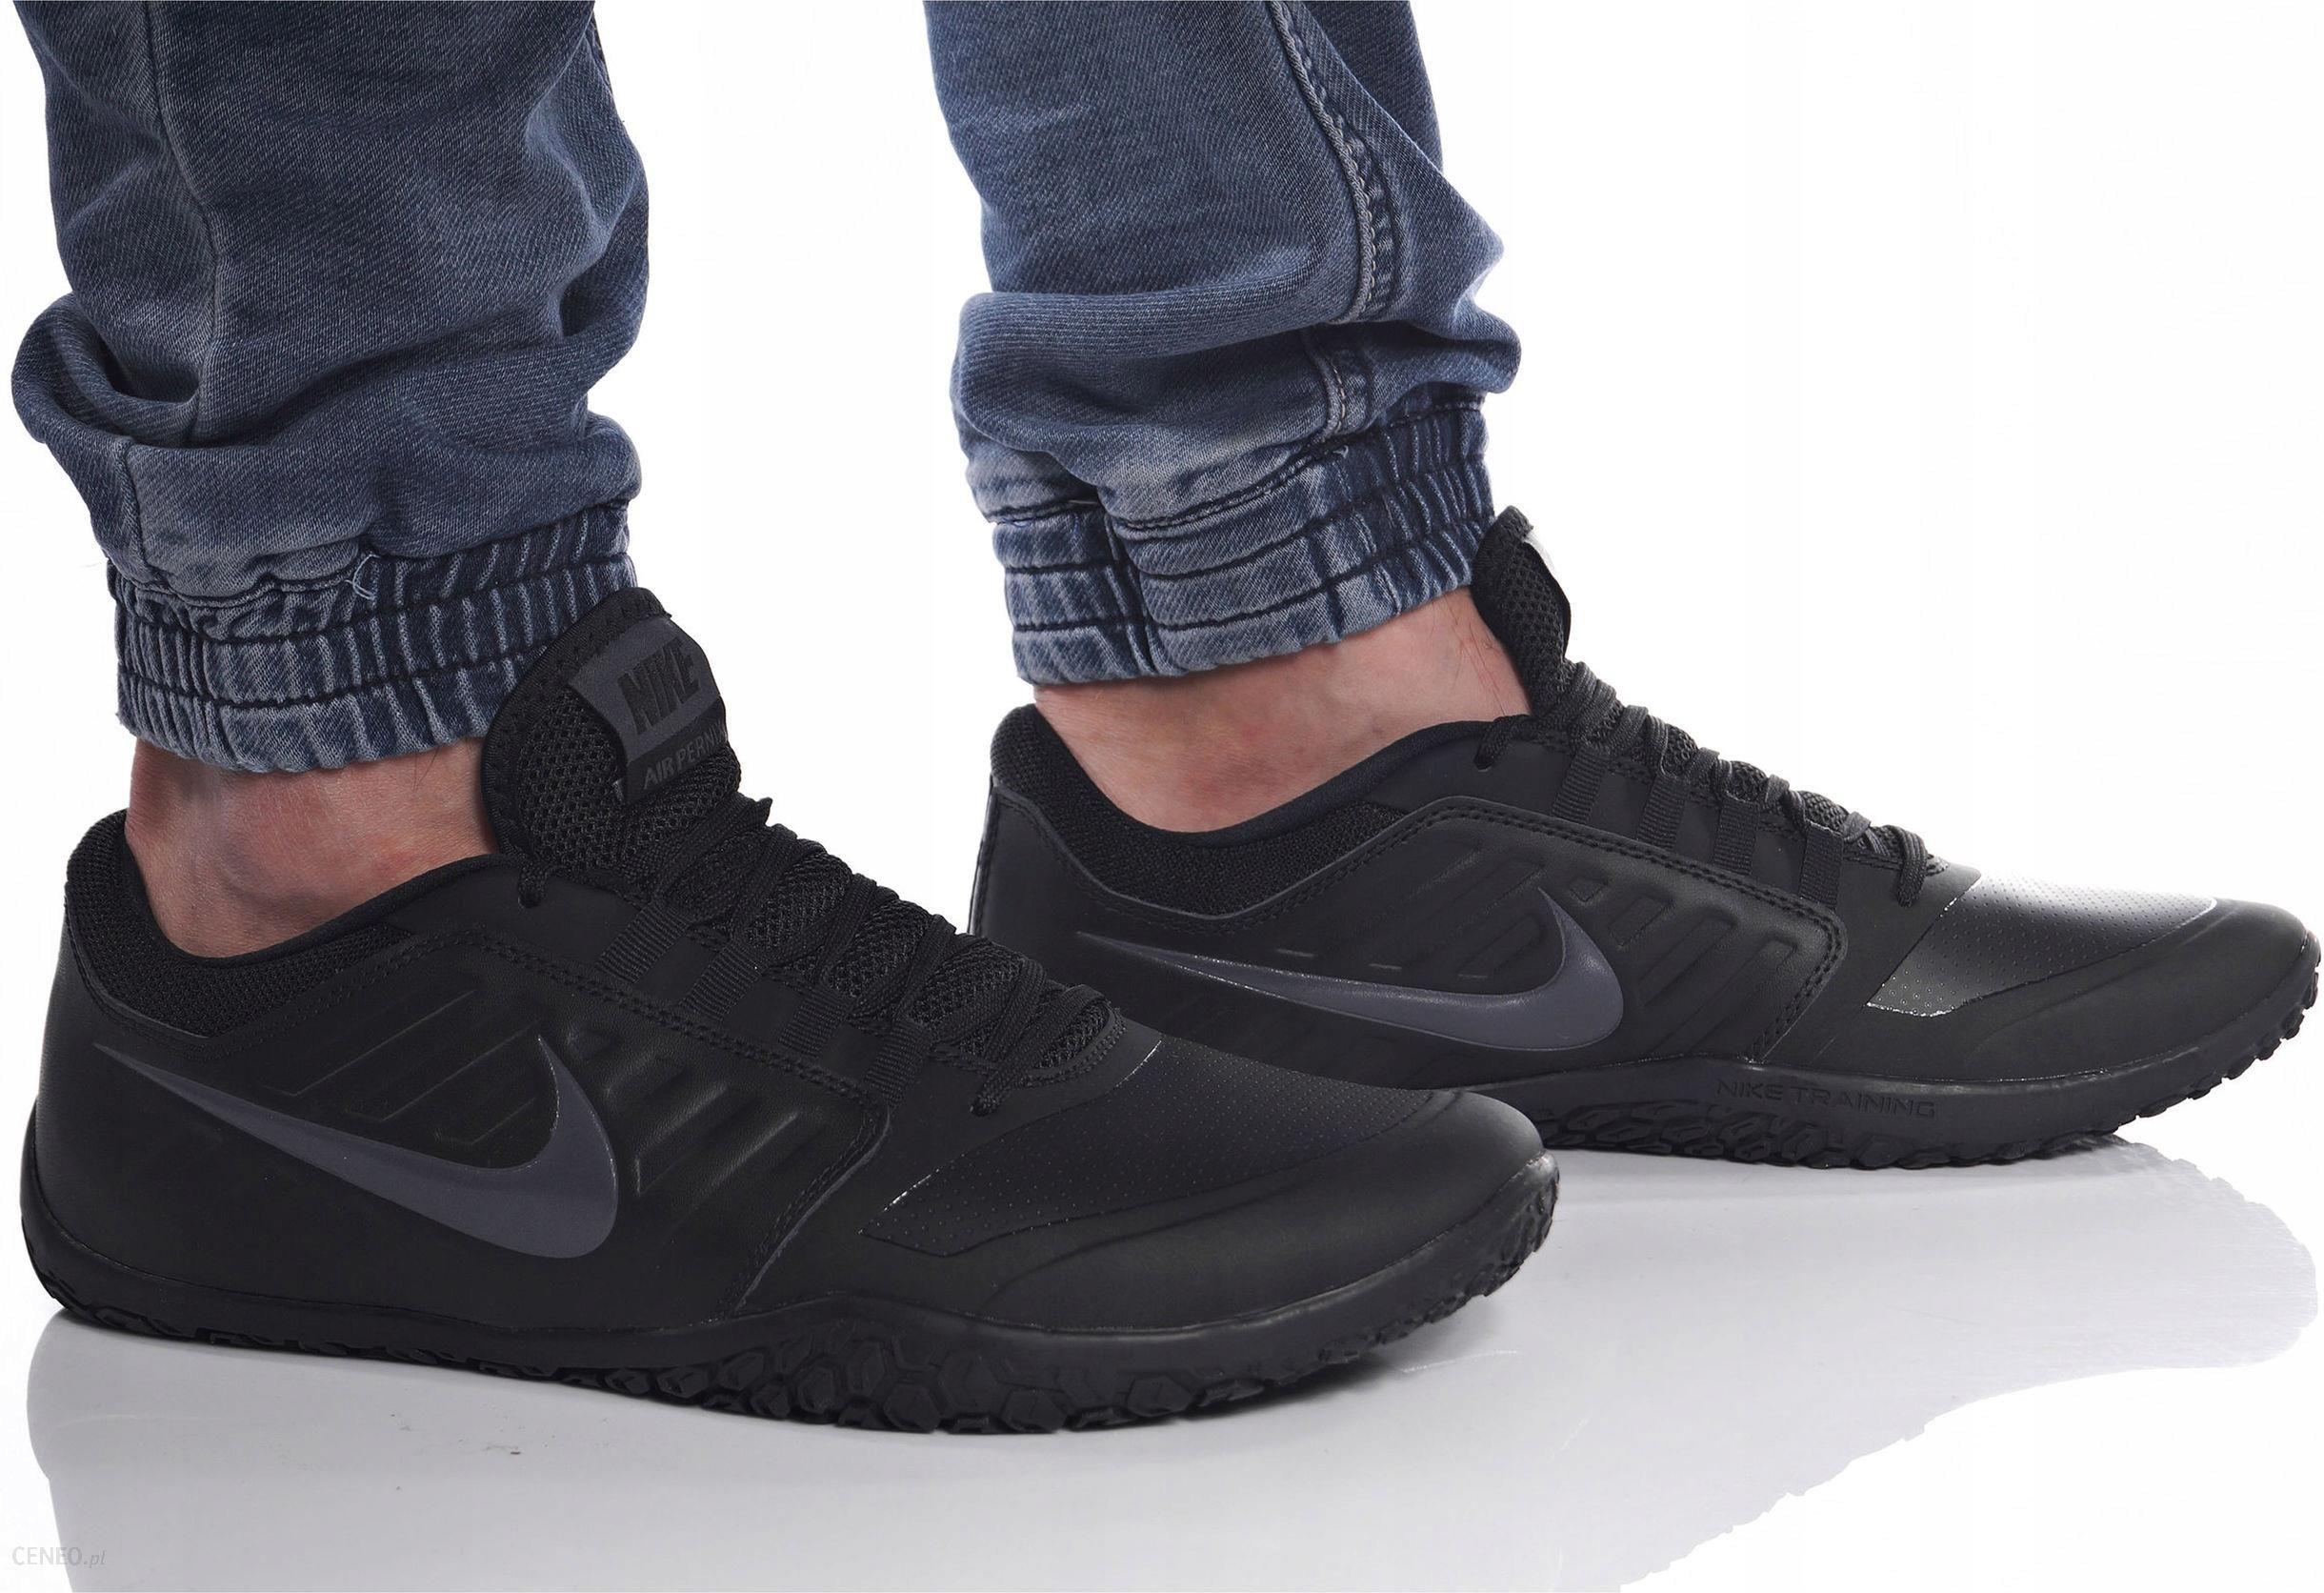 check out 3bec4 25fd4 Buty Nike Air Pernix 818970-001 Męskie R. 41 - zdjęcie 1